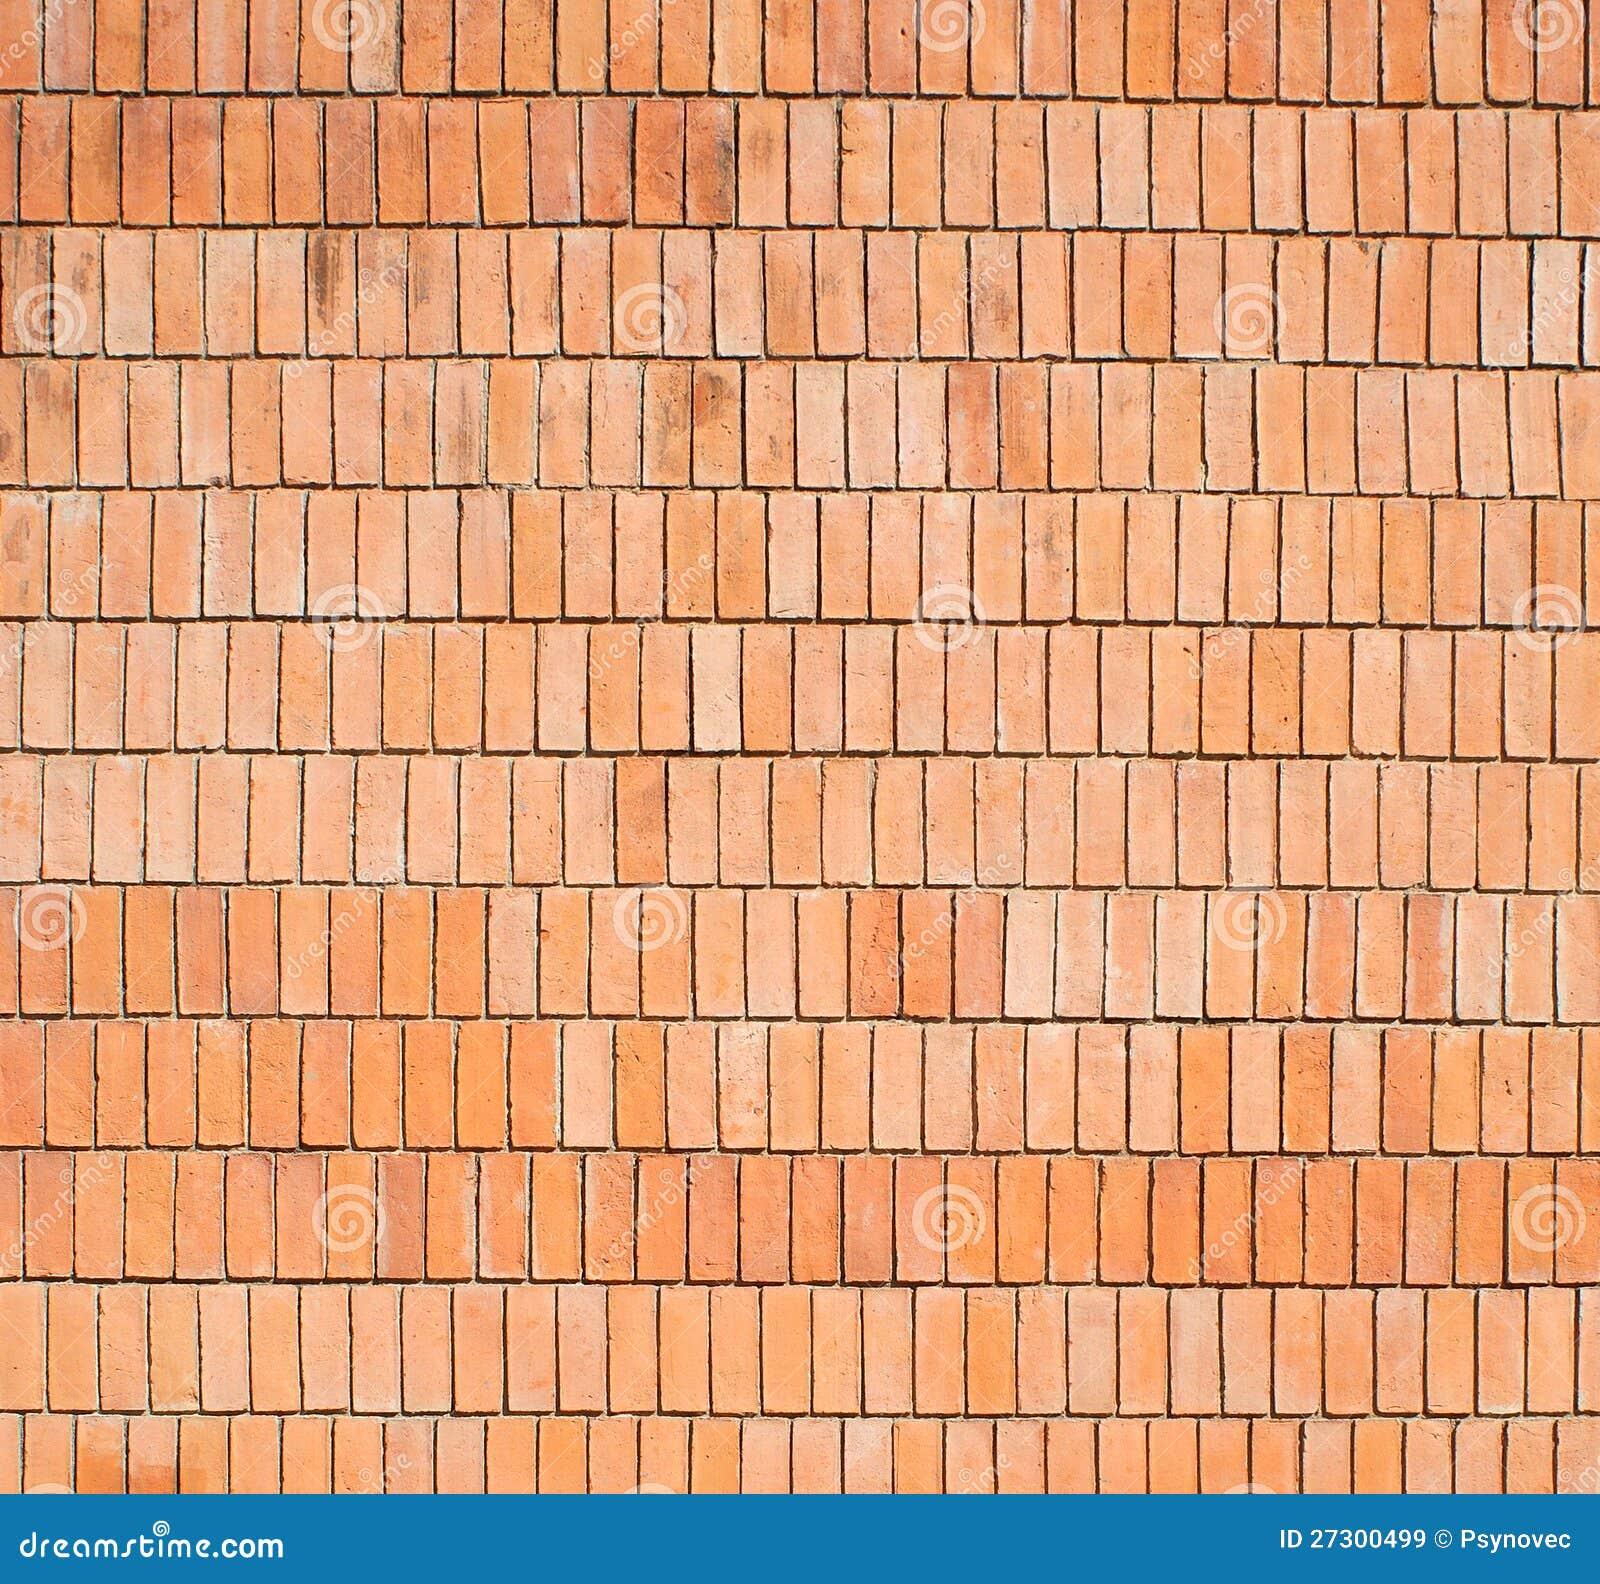 Vertical Brick Wall Accents Wall Decal: Vertical Bricks Stock Image. Image Of Masonry